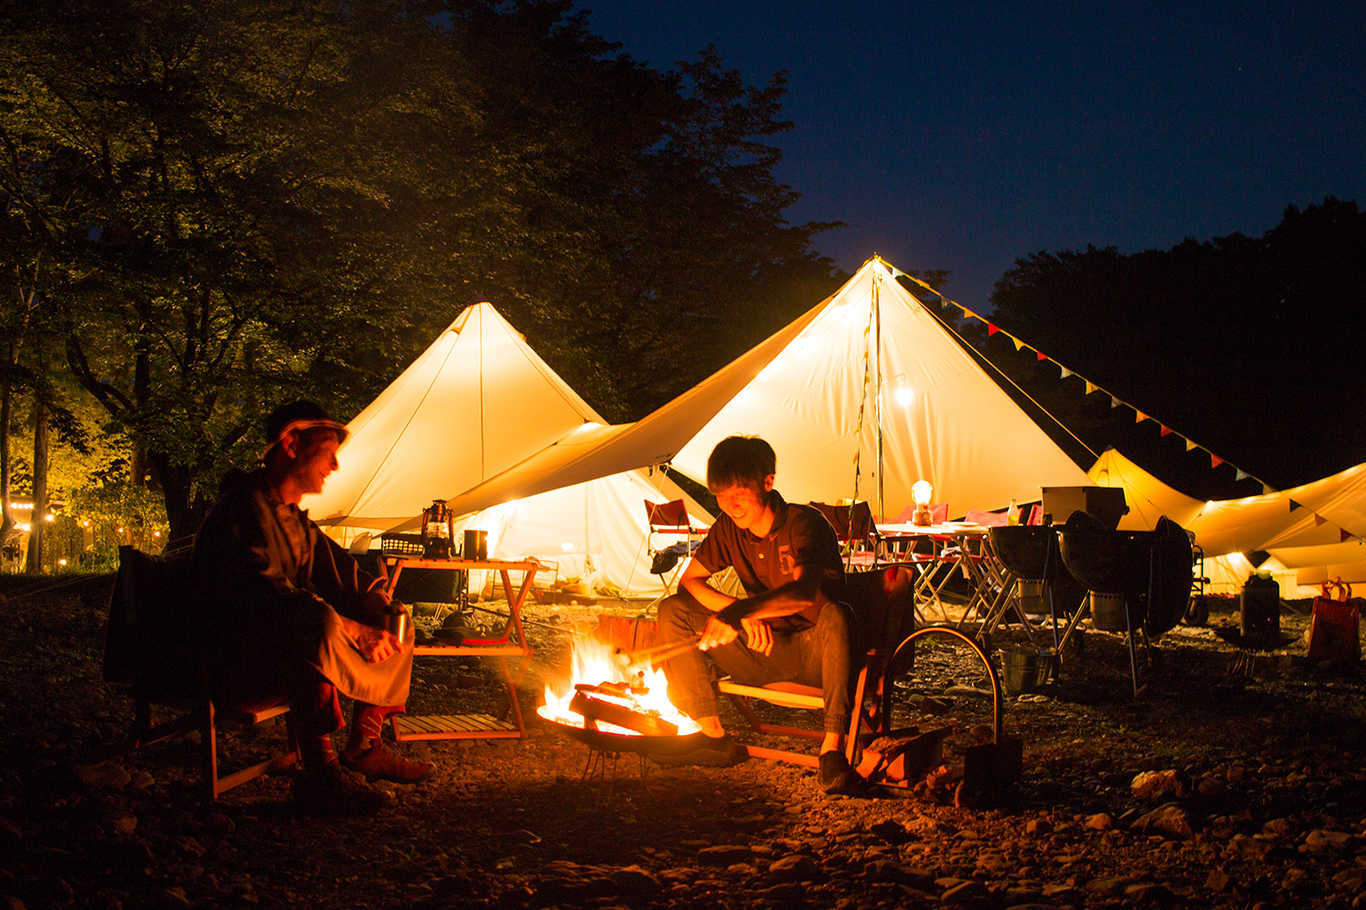 リバーサイドキャンプときがわ グランピングテント 画像